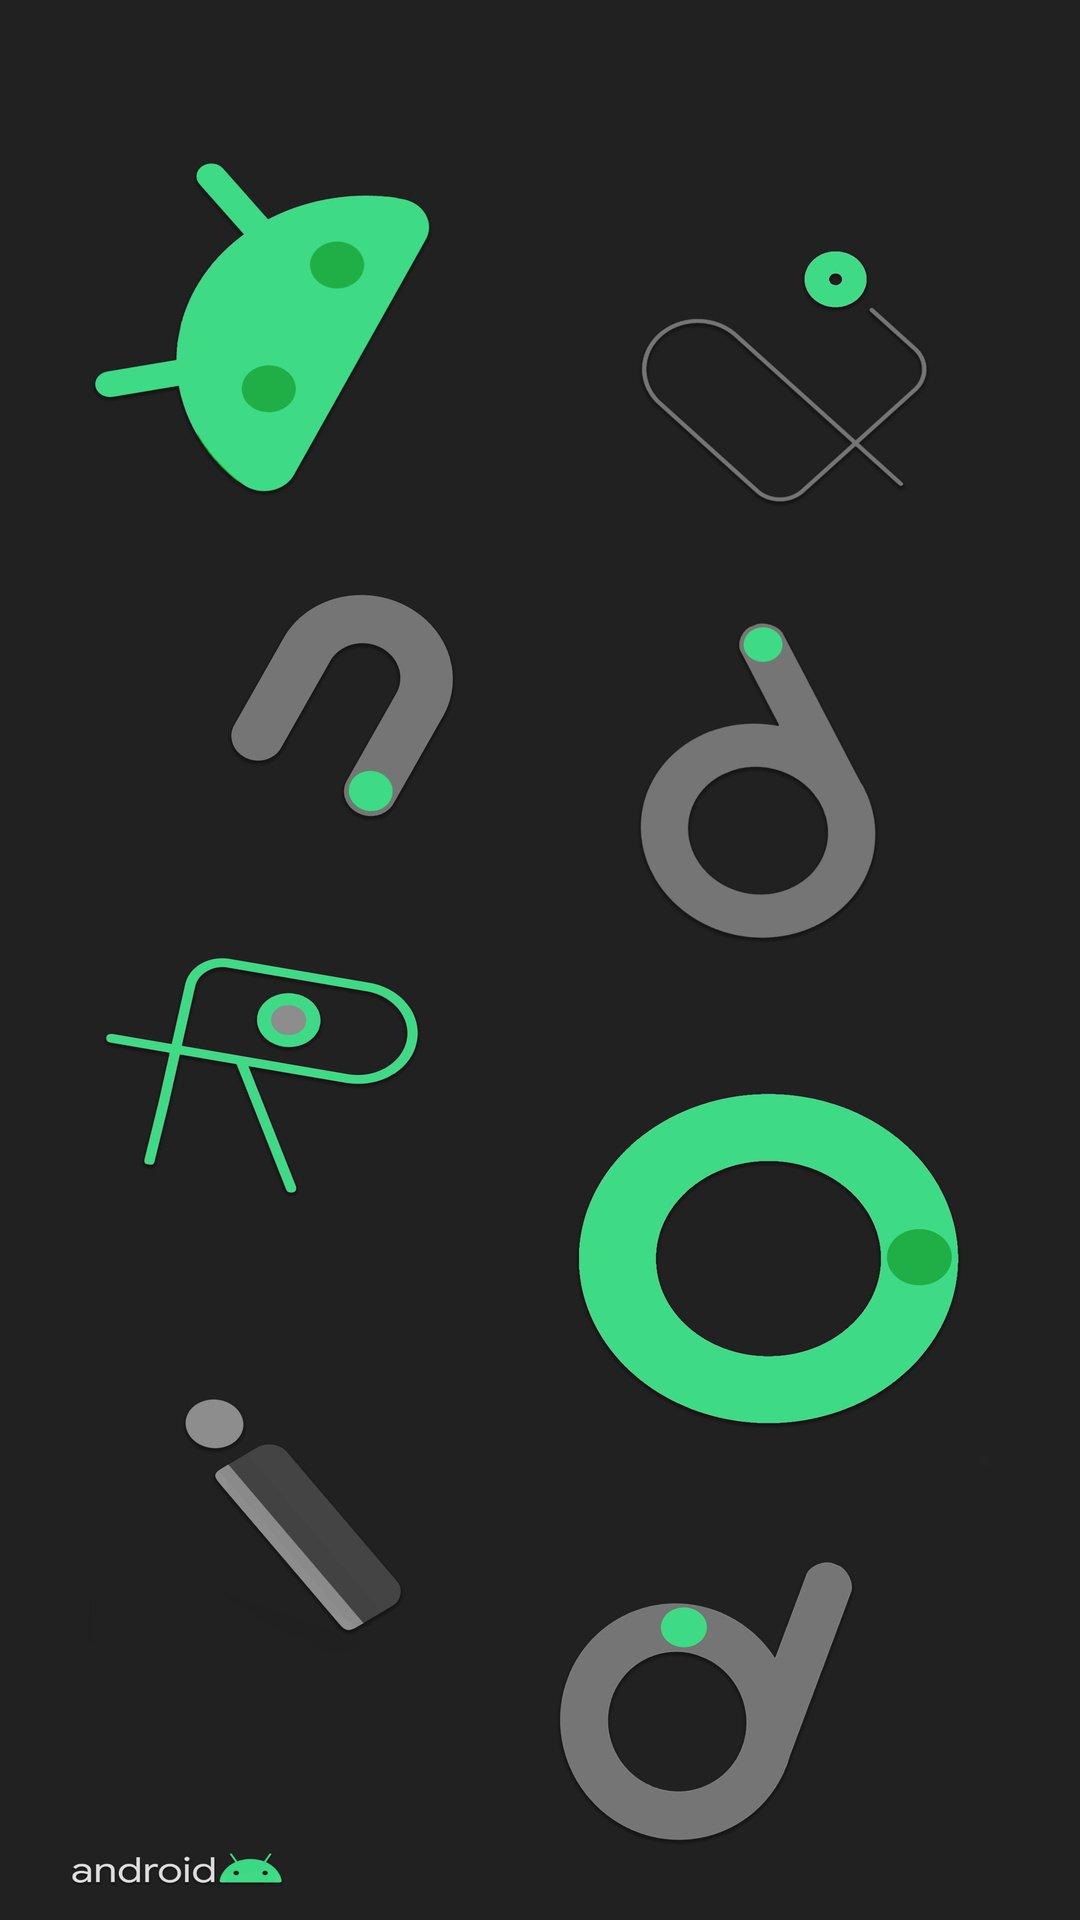 خلفيات شعار اندرويد روعة مربع